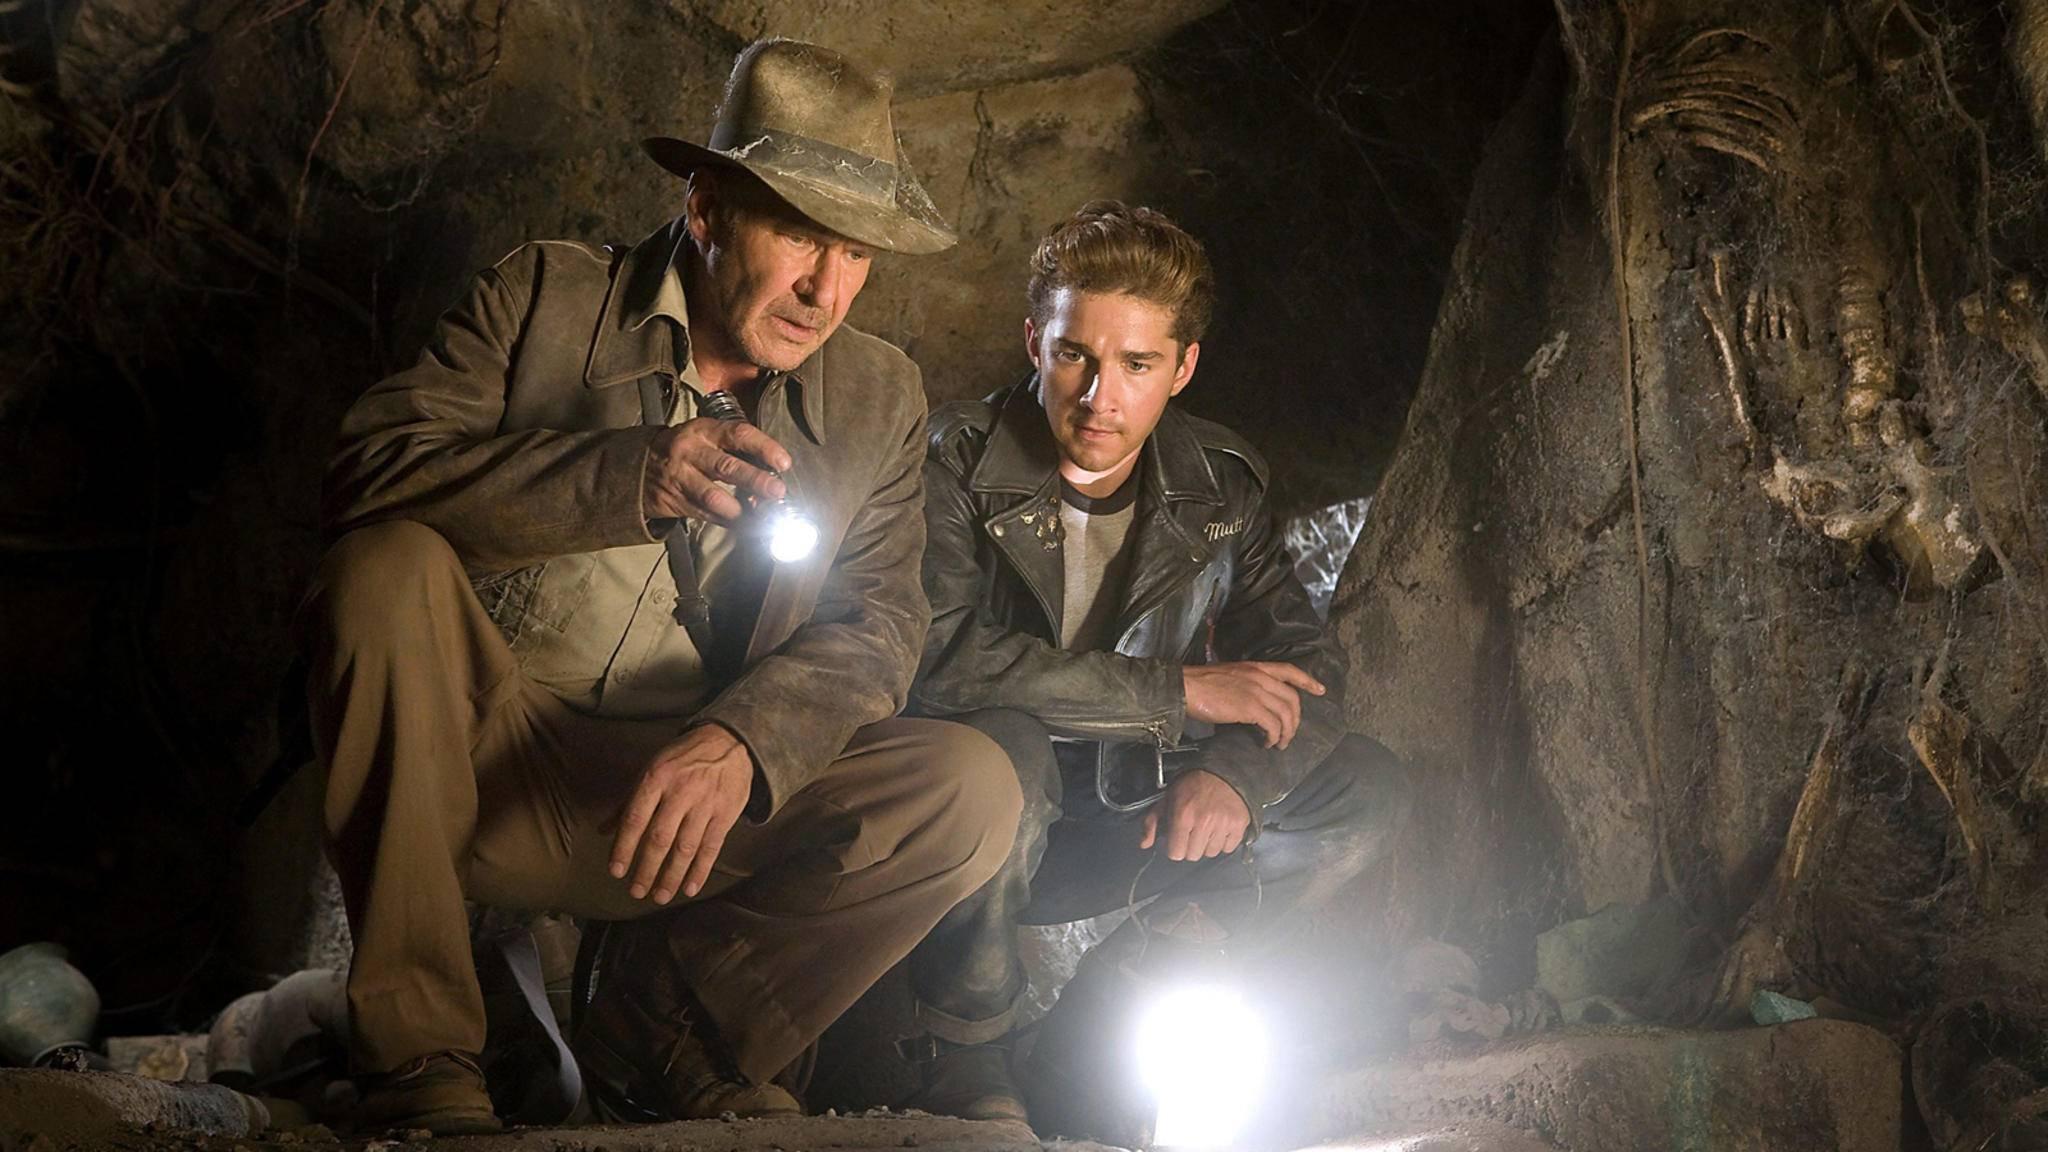 2008 standen Harrison Ford und Shia LaBeouf noch gemeinsam vor der Kamera.